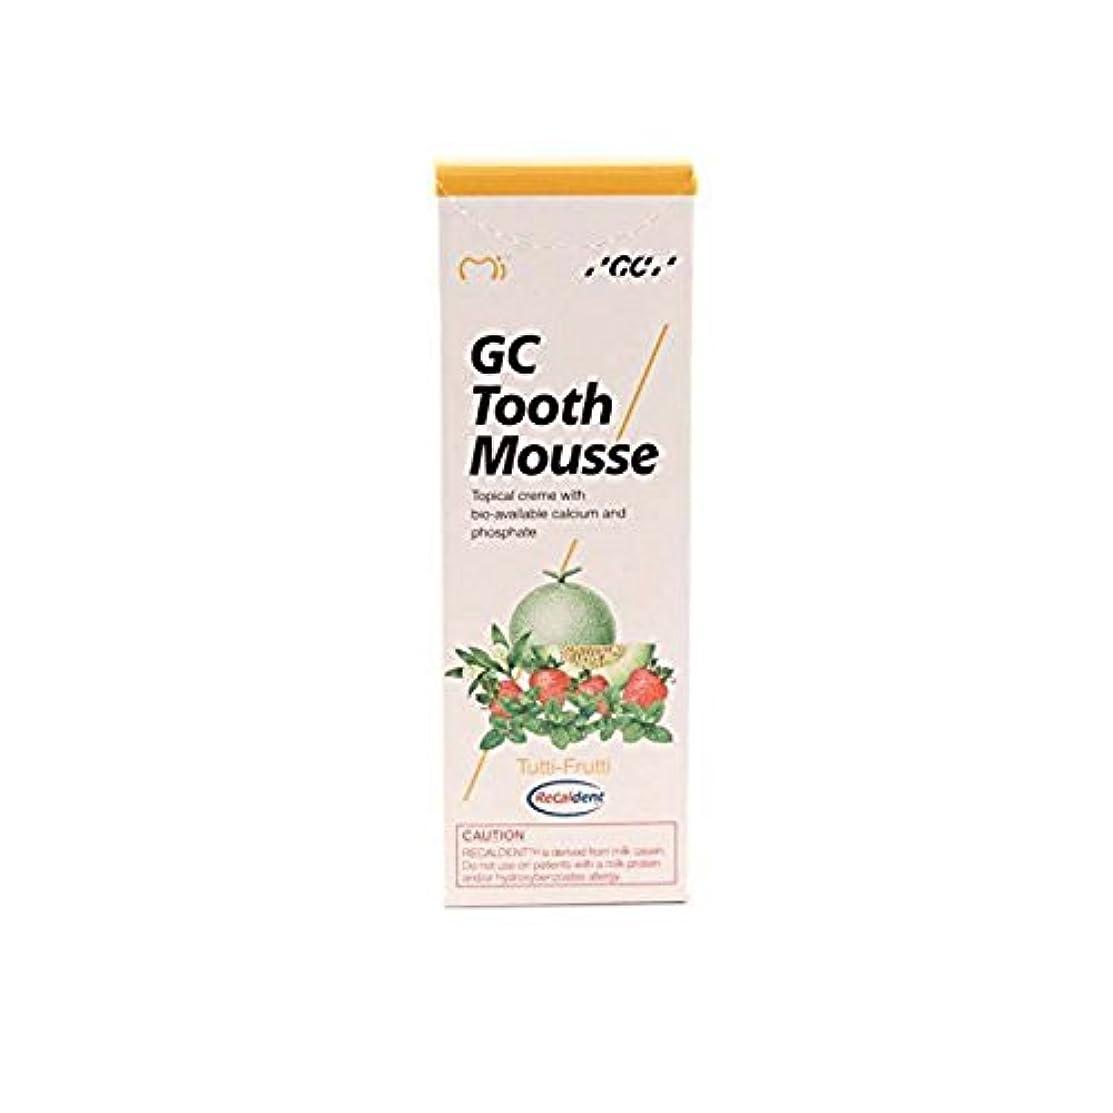 着実にドメイン不要Gc の歯のムース練り歯磨き粉の盛り合わせの味40g (タフティフルーティー (Tutty Frutty))